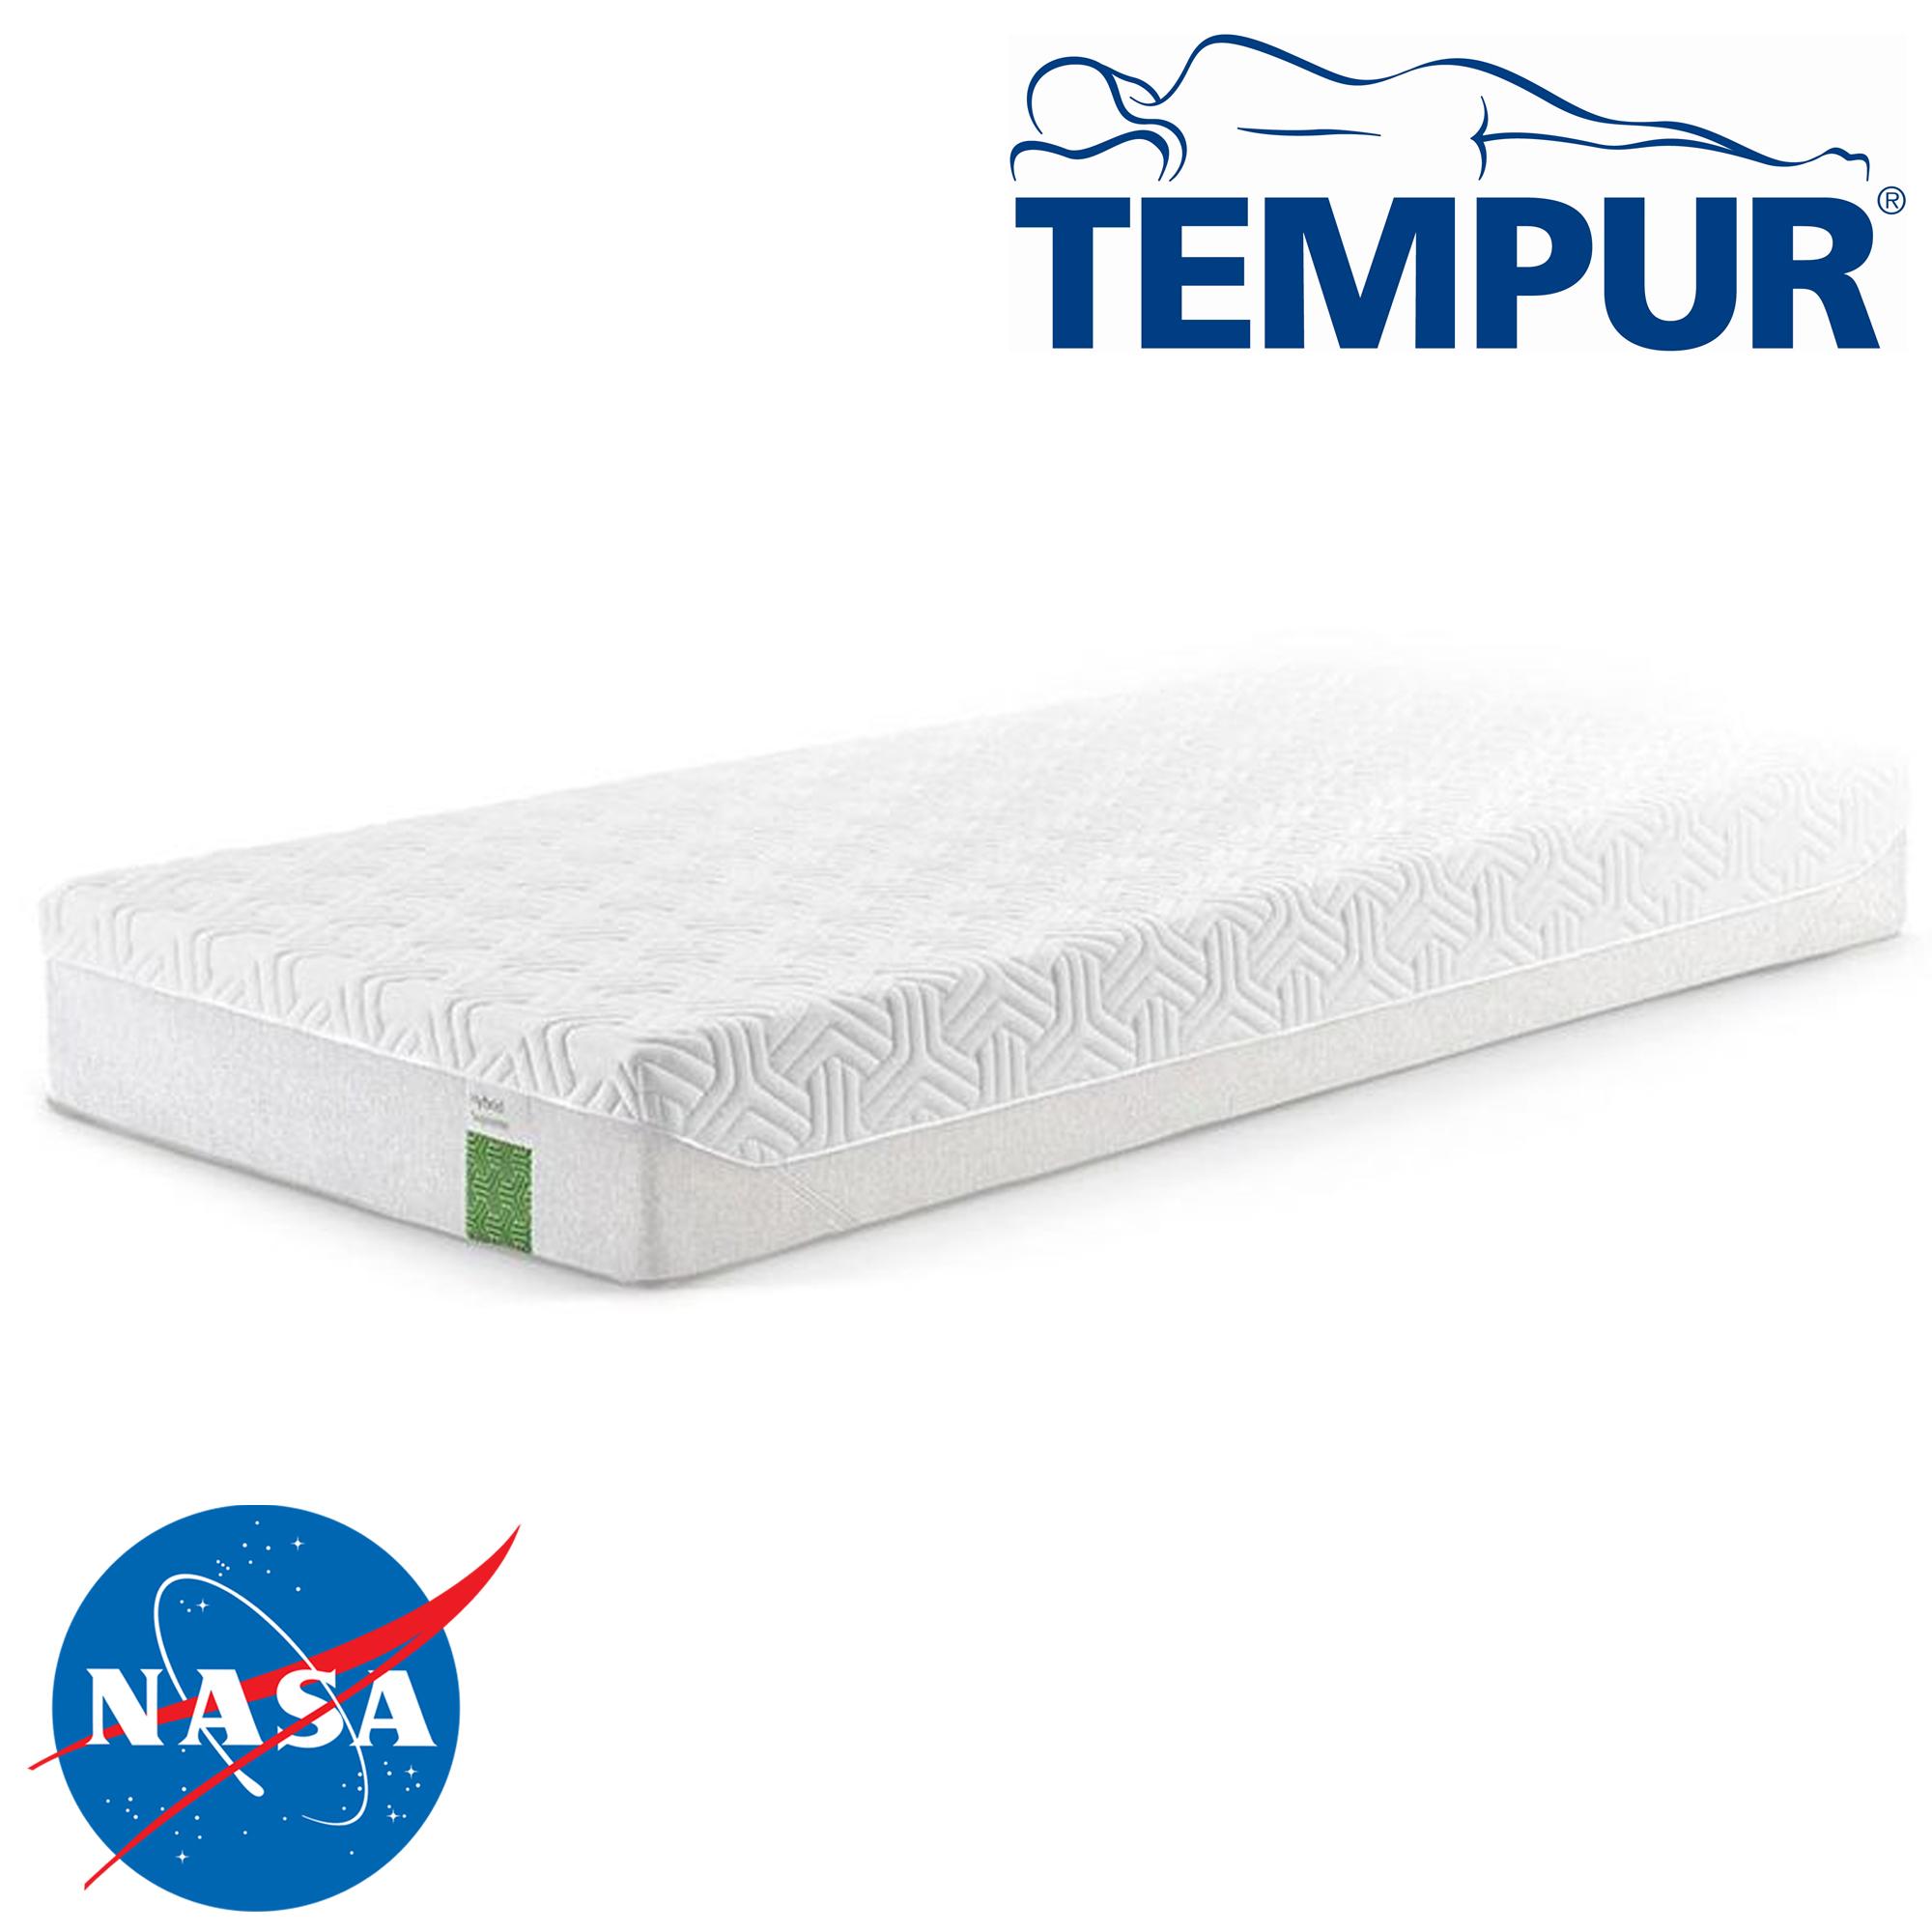 TEMPUR Hybrid Supreme 21 memóriahabos rugós matrac - NOVETEX matrac 28bcd6a9fd